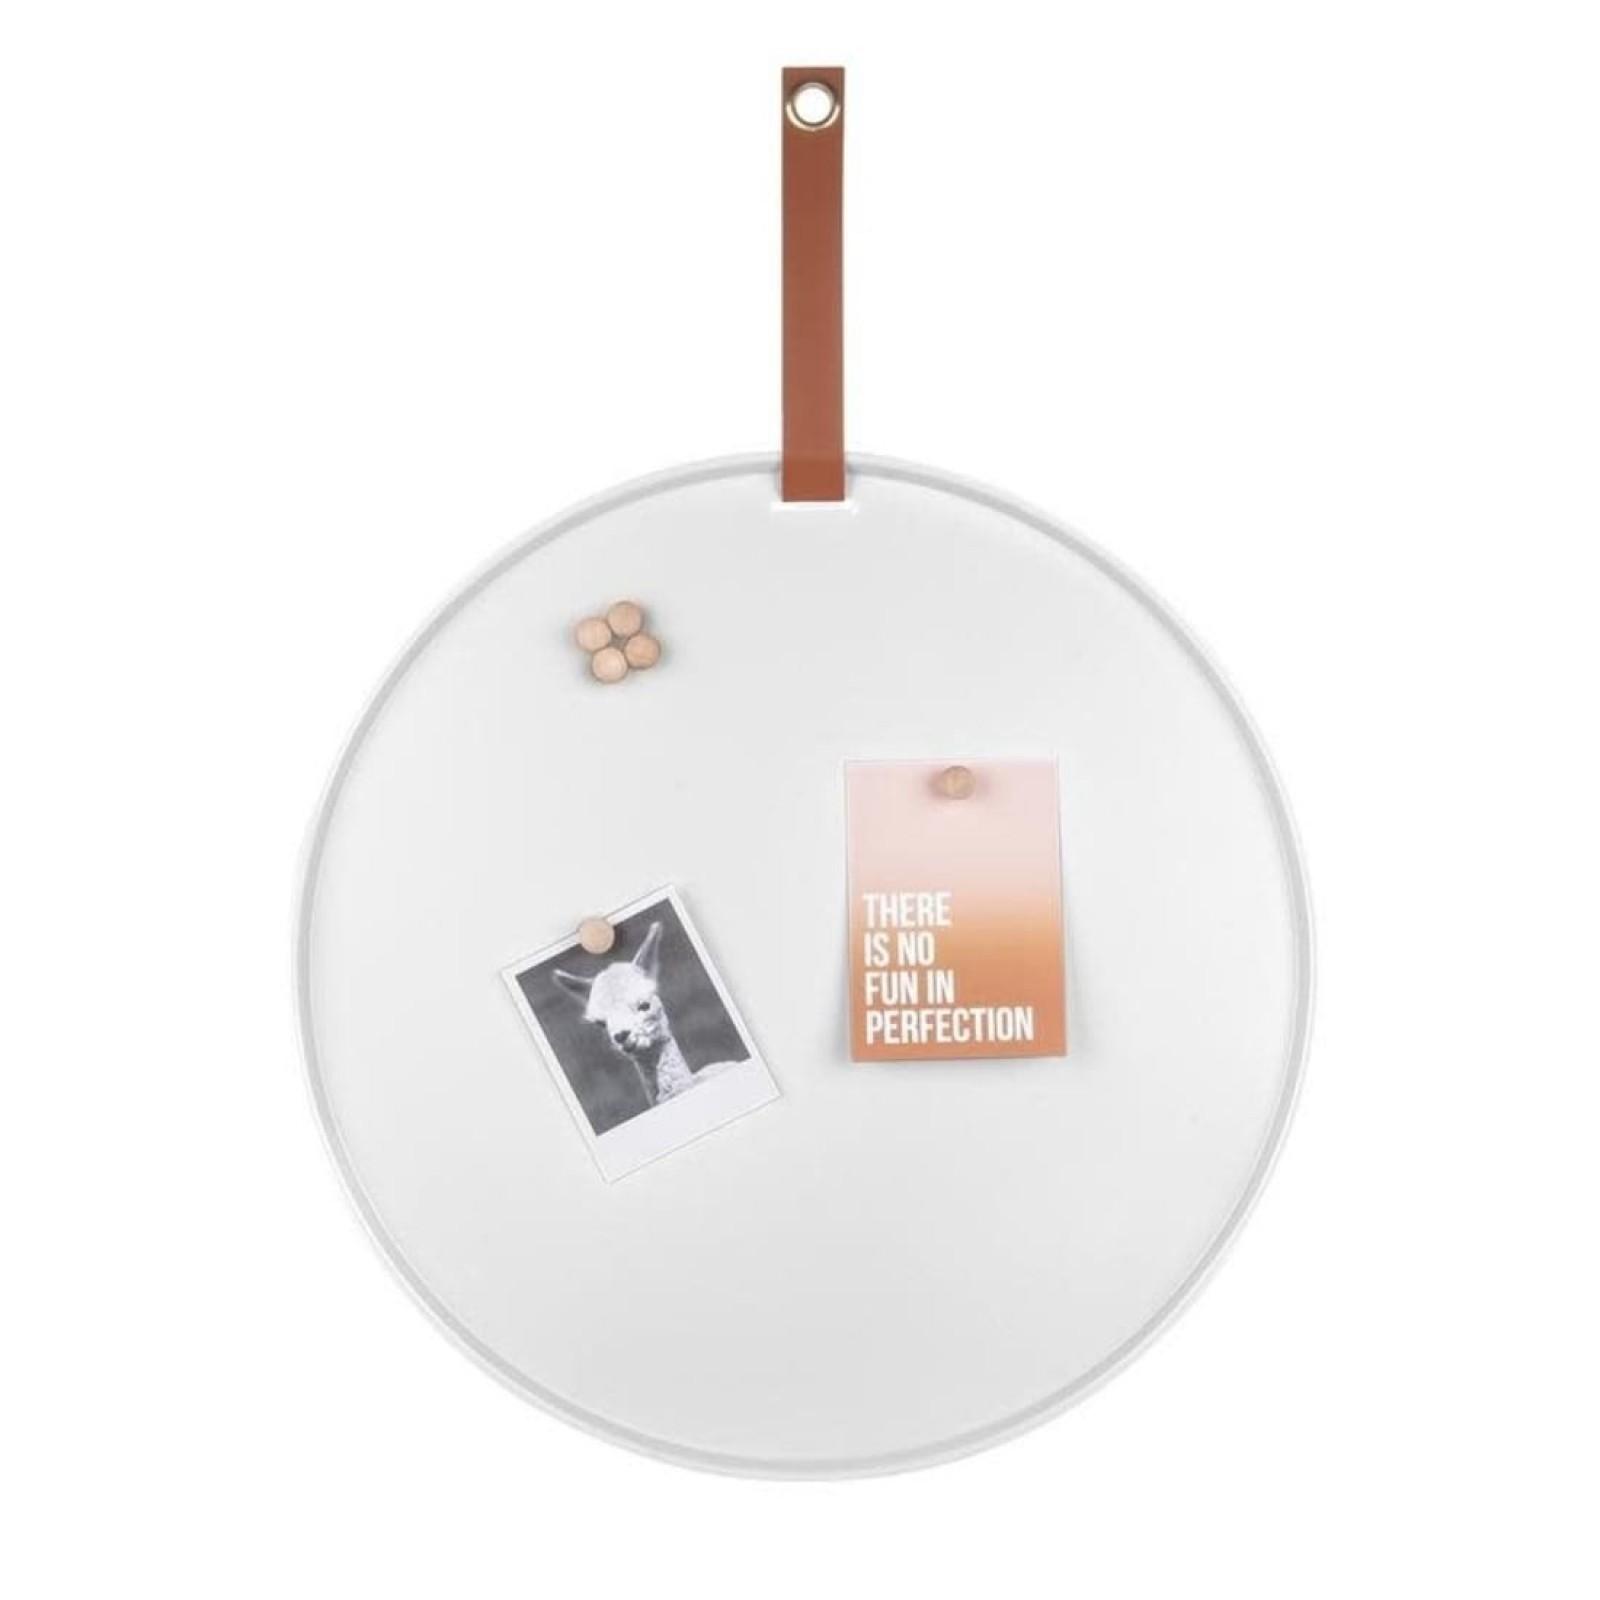 Perky Round Memo Board (White) - Present Time